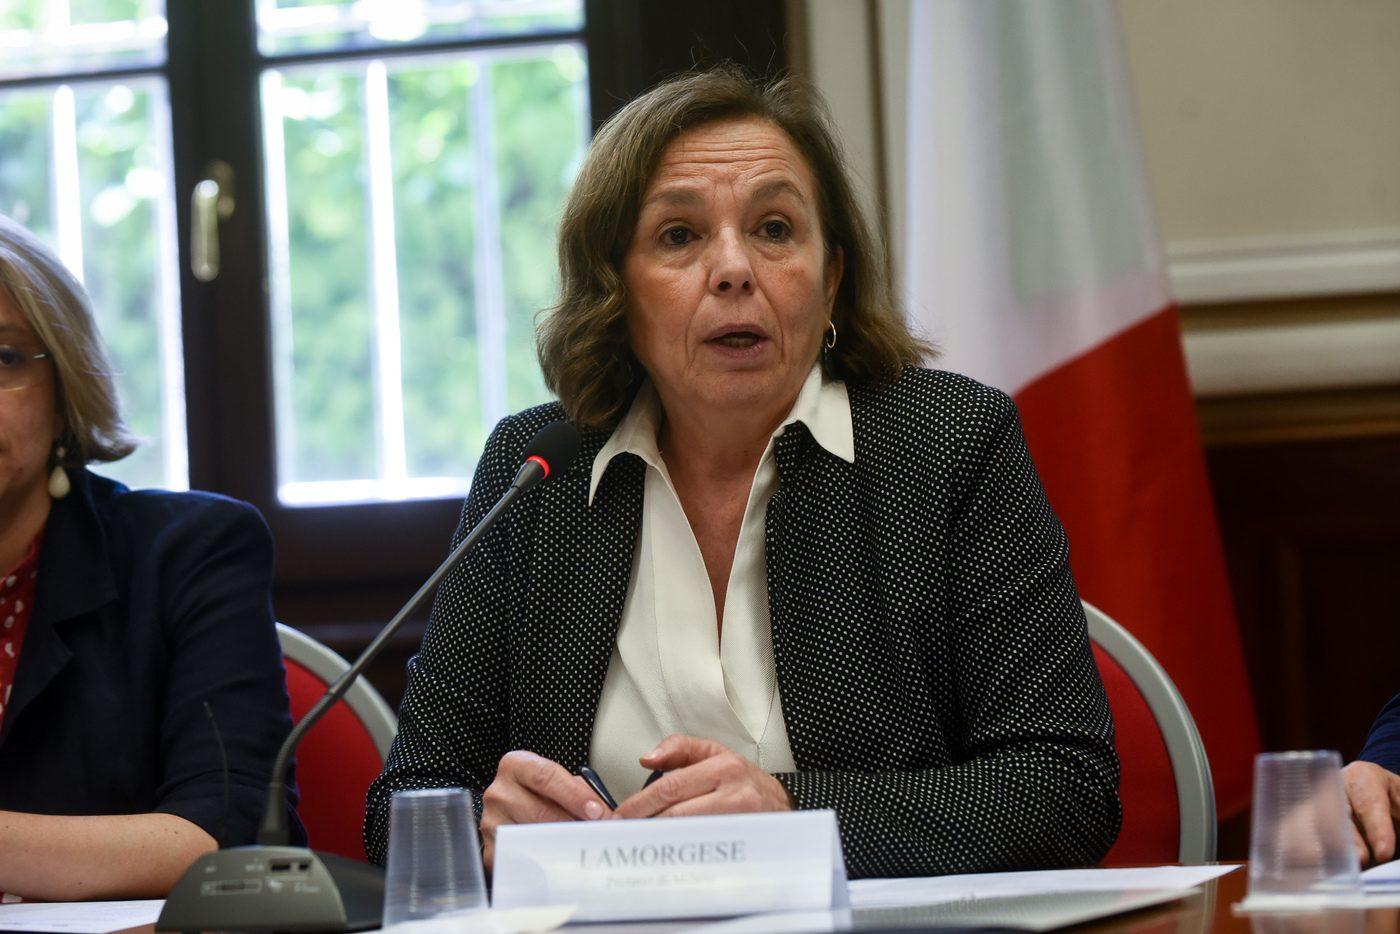 Chi è Luciana Lamorgese, il ministro dell'Interno del governo Conte ...